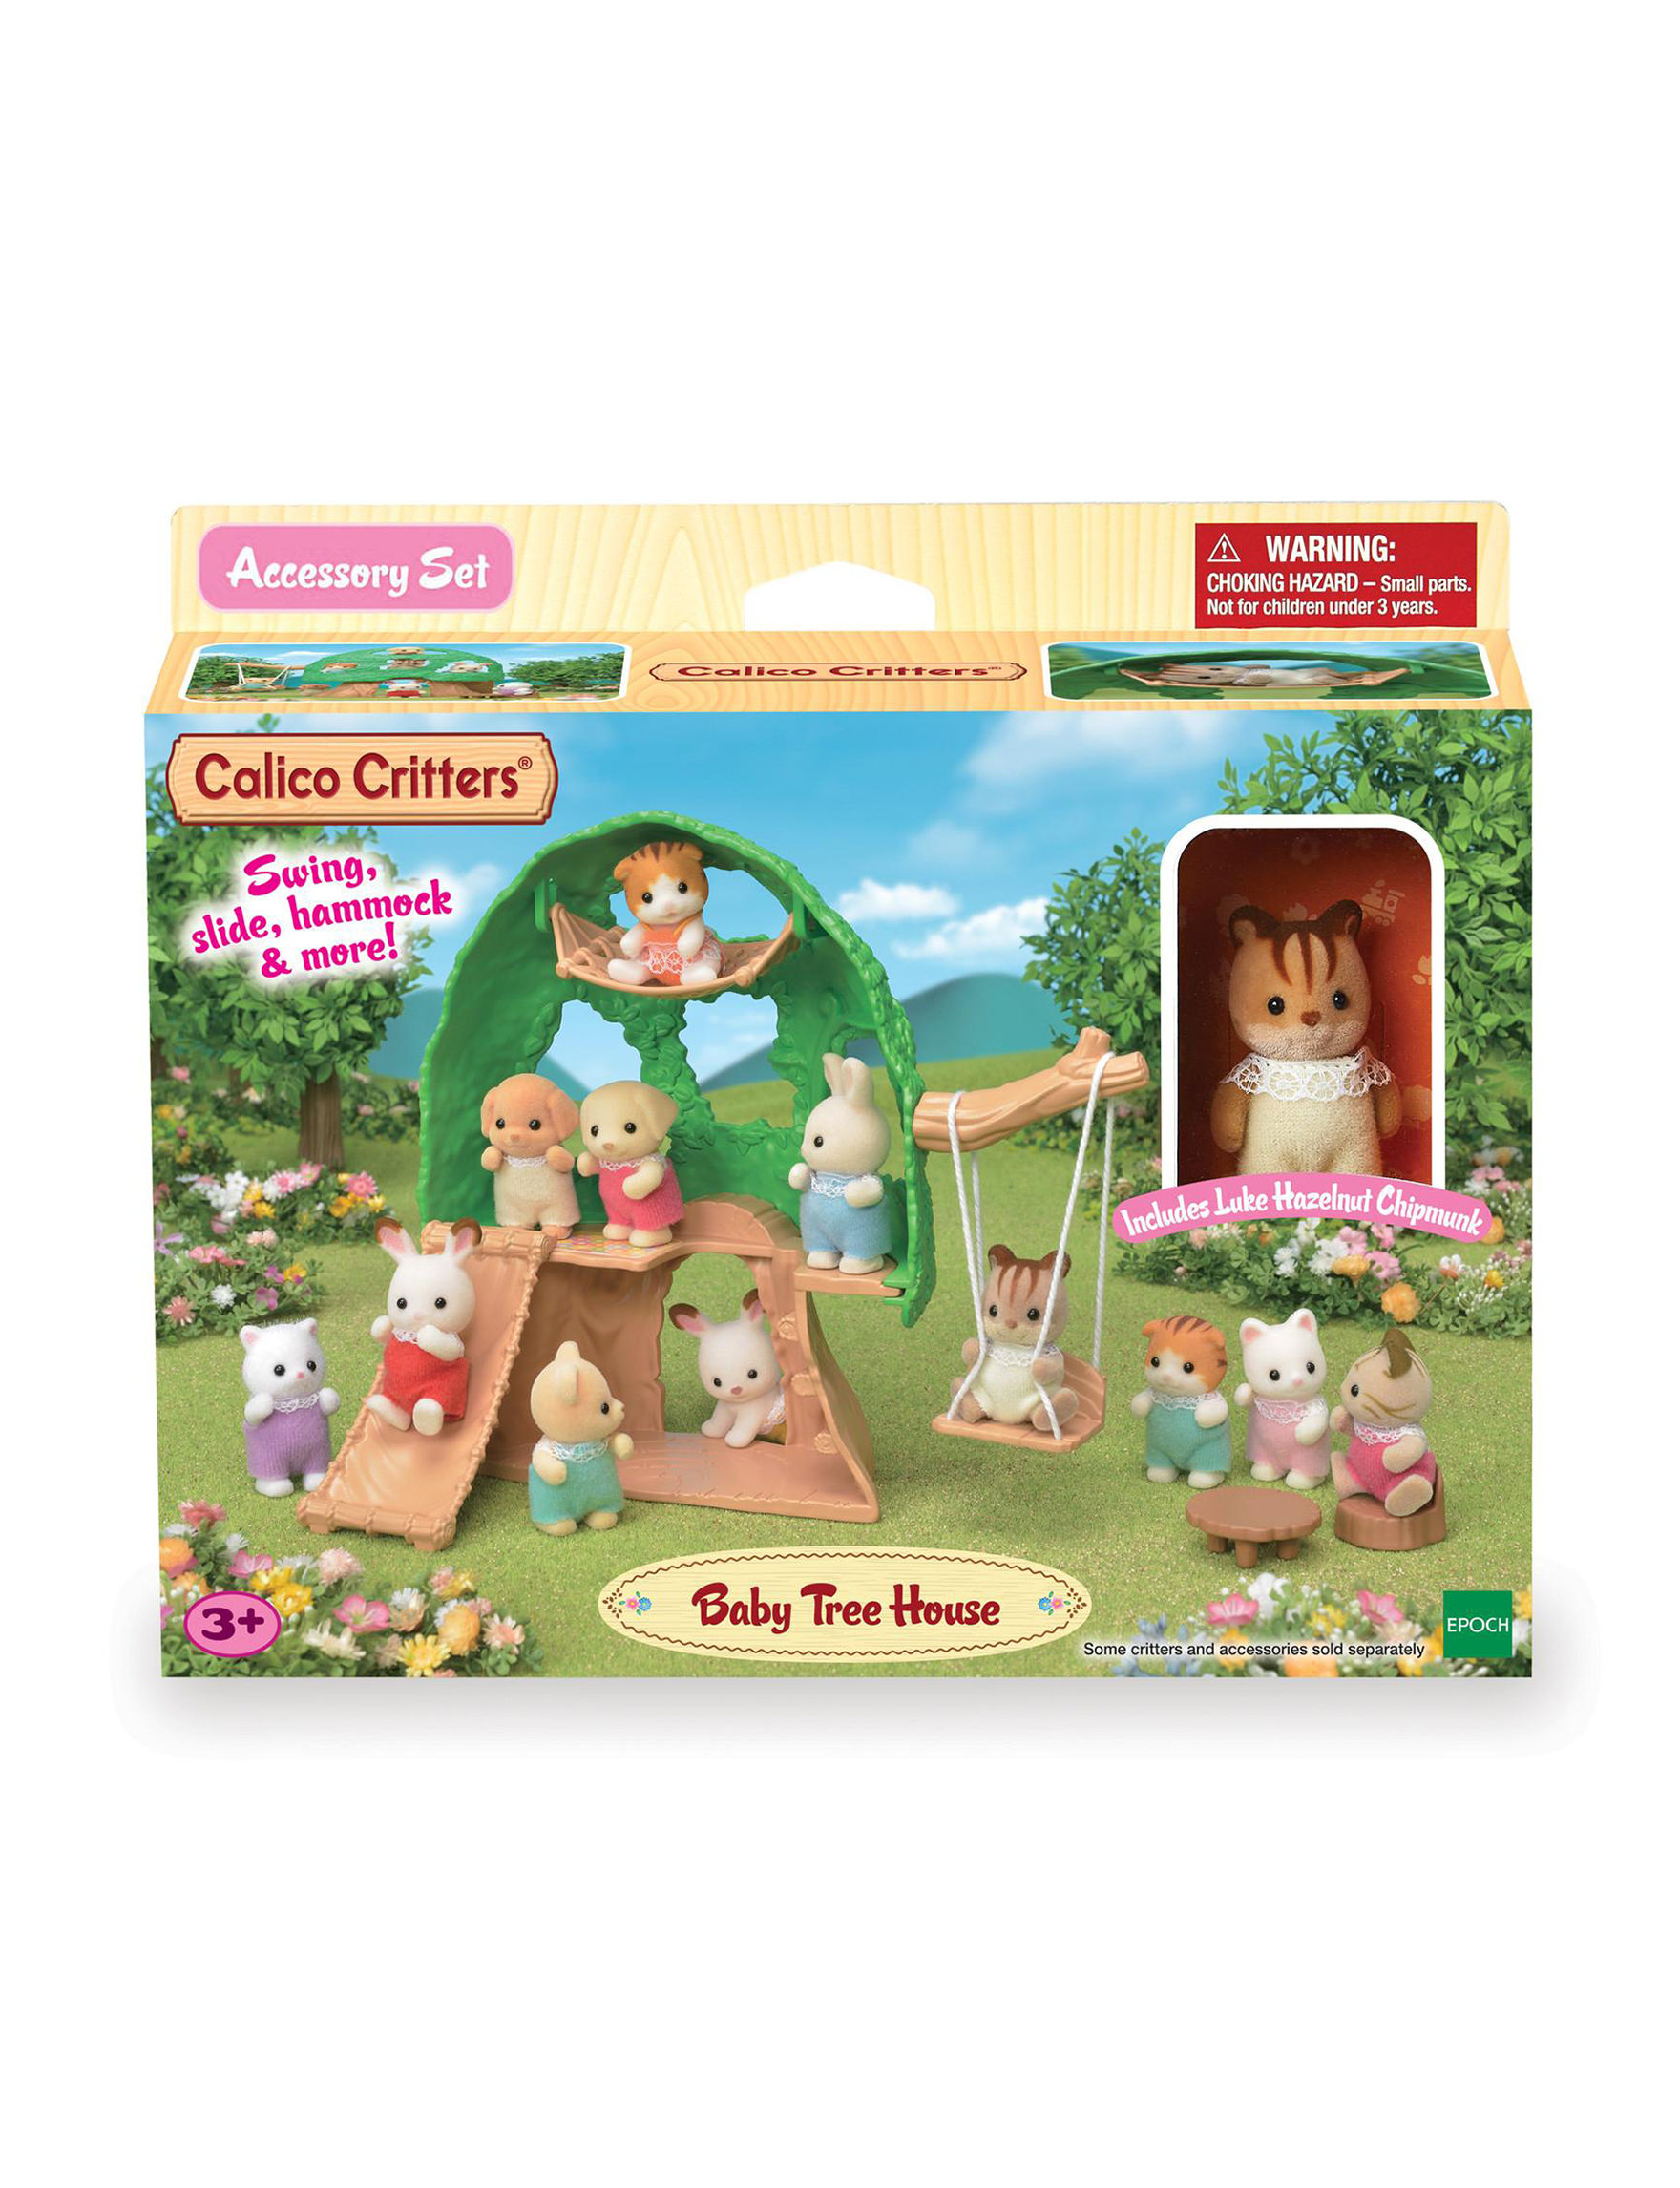 Calico Critters Green / Multi